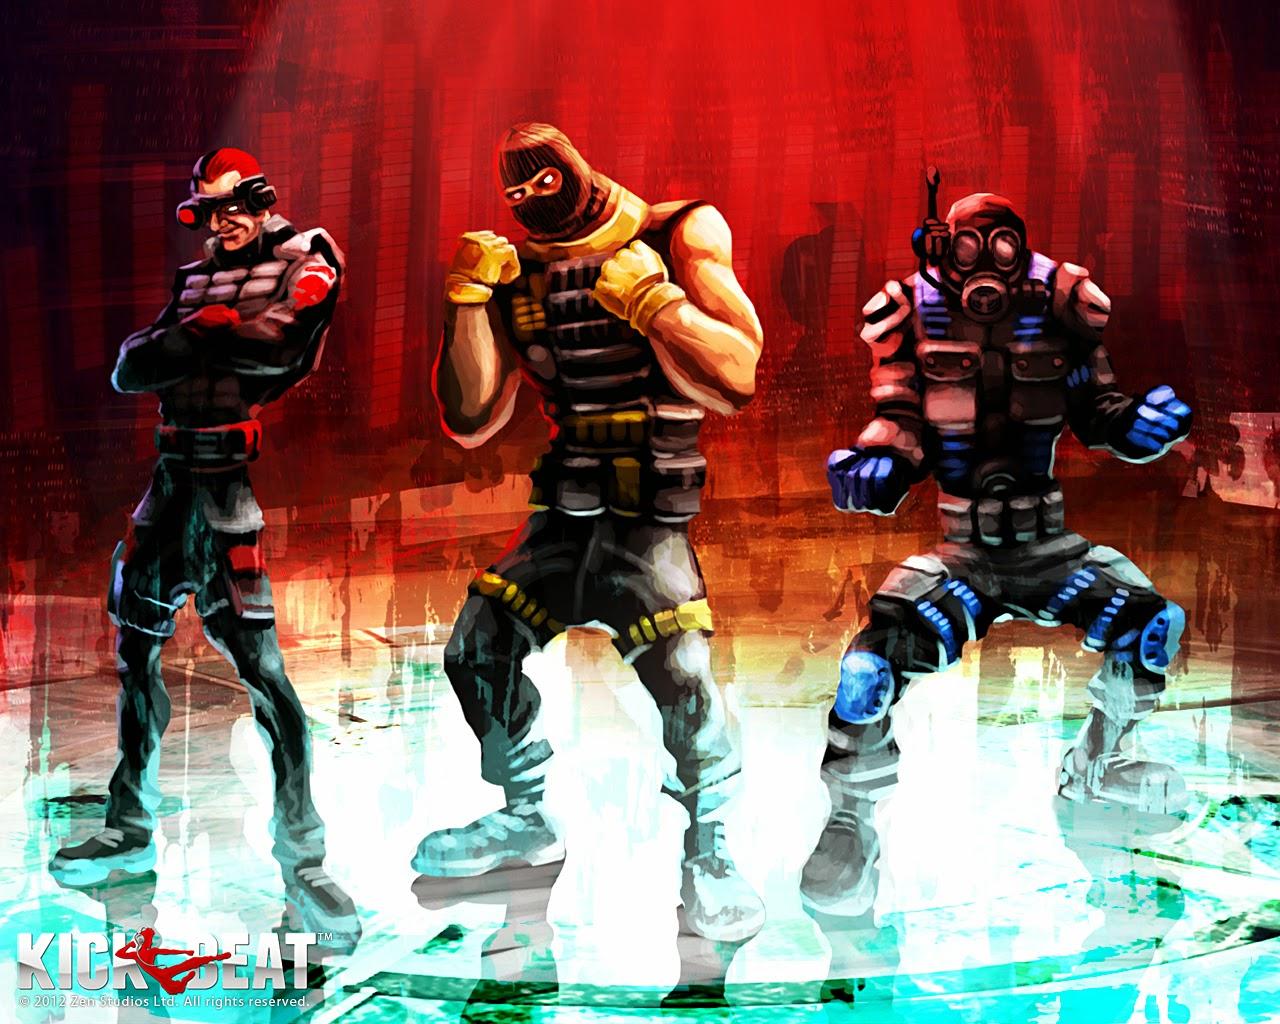 Loạt hình nền tuyệt đẹp của game âm nhạc KickBeat - Ảnh 11